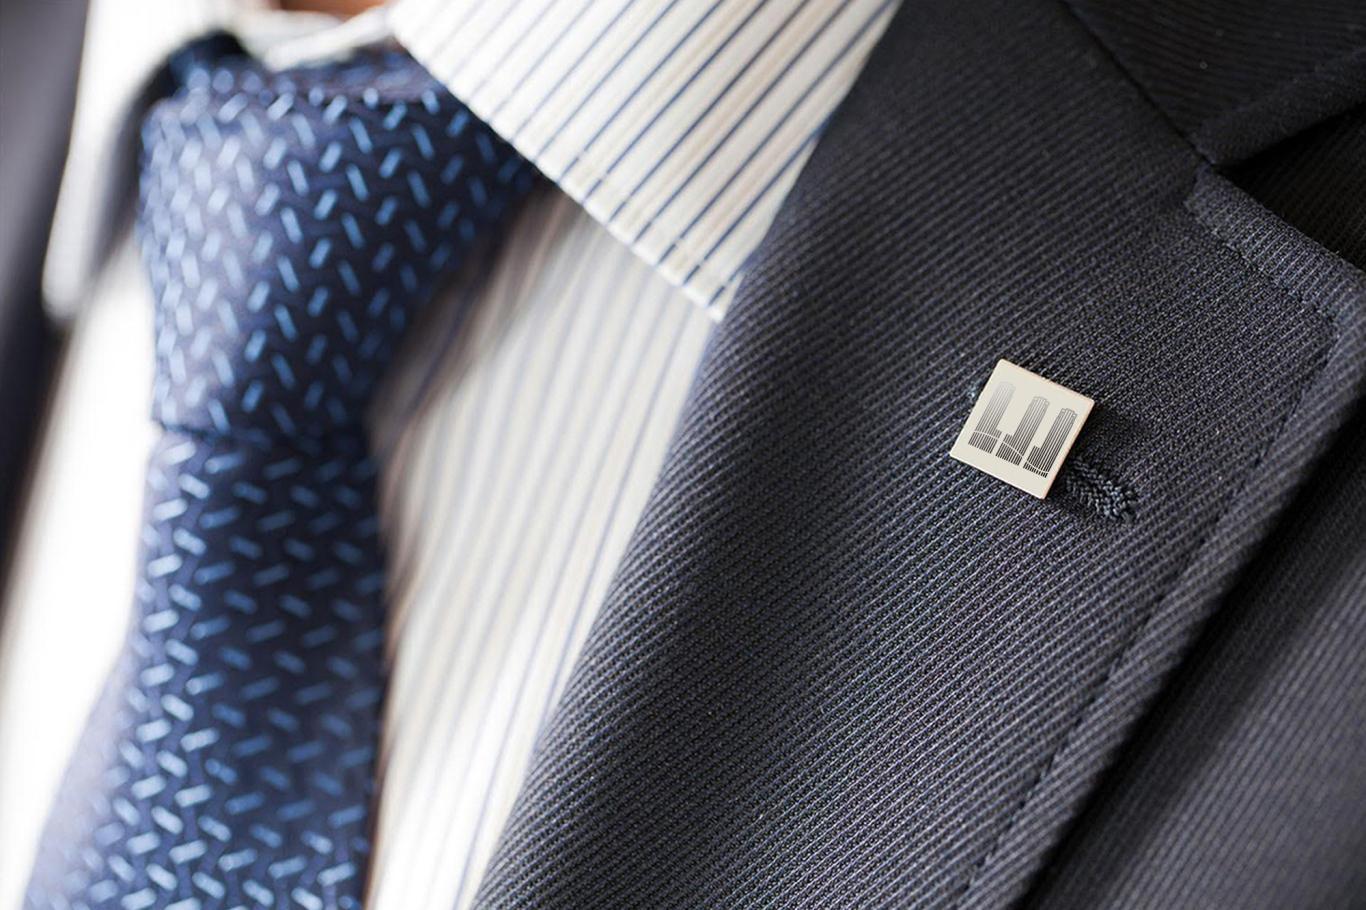 广州城投·万科 湾区国际经融港/品牌包装 VI视觉识别系统设计 地产logo设计图9